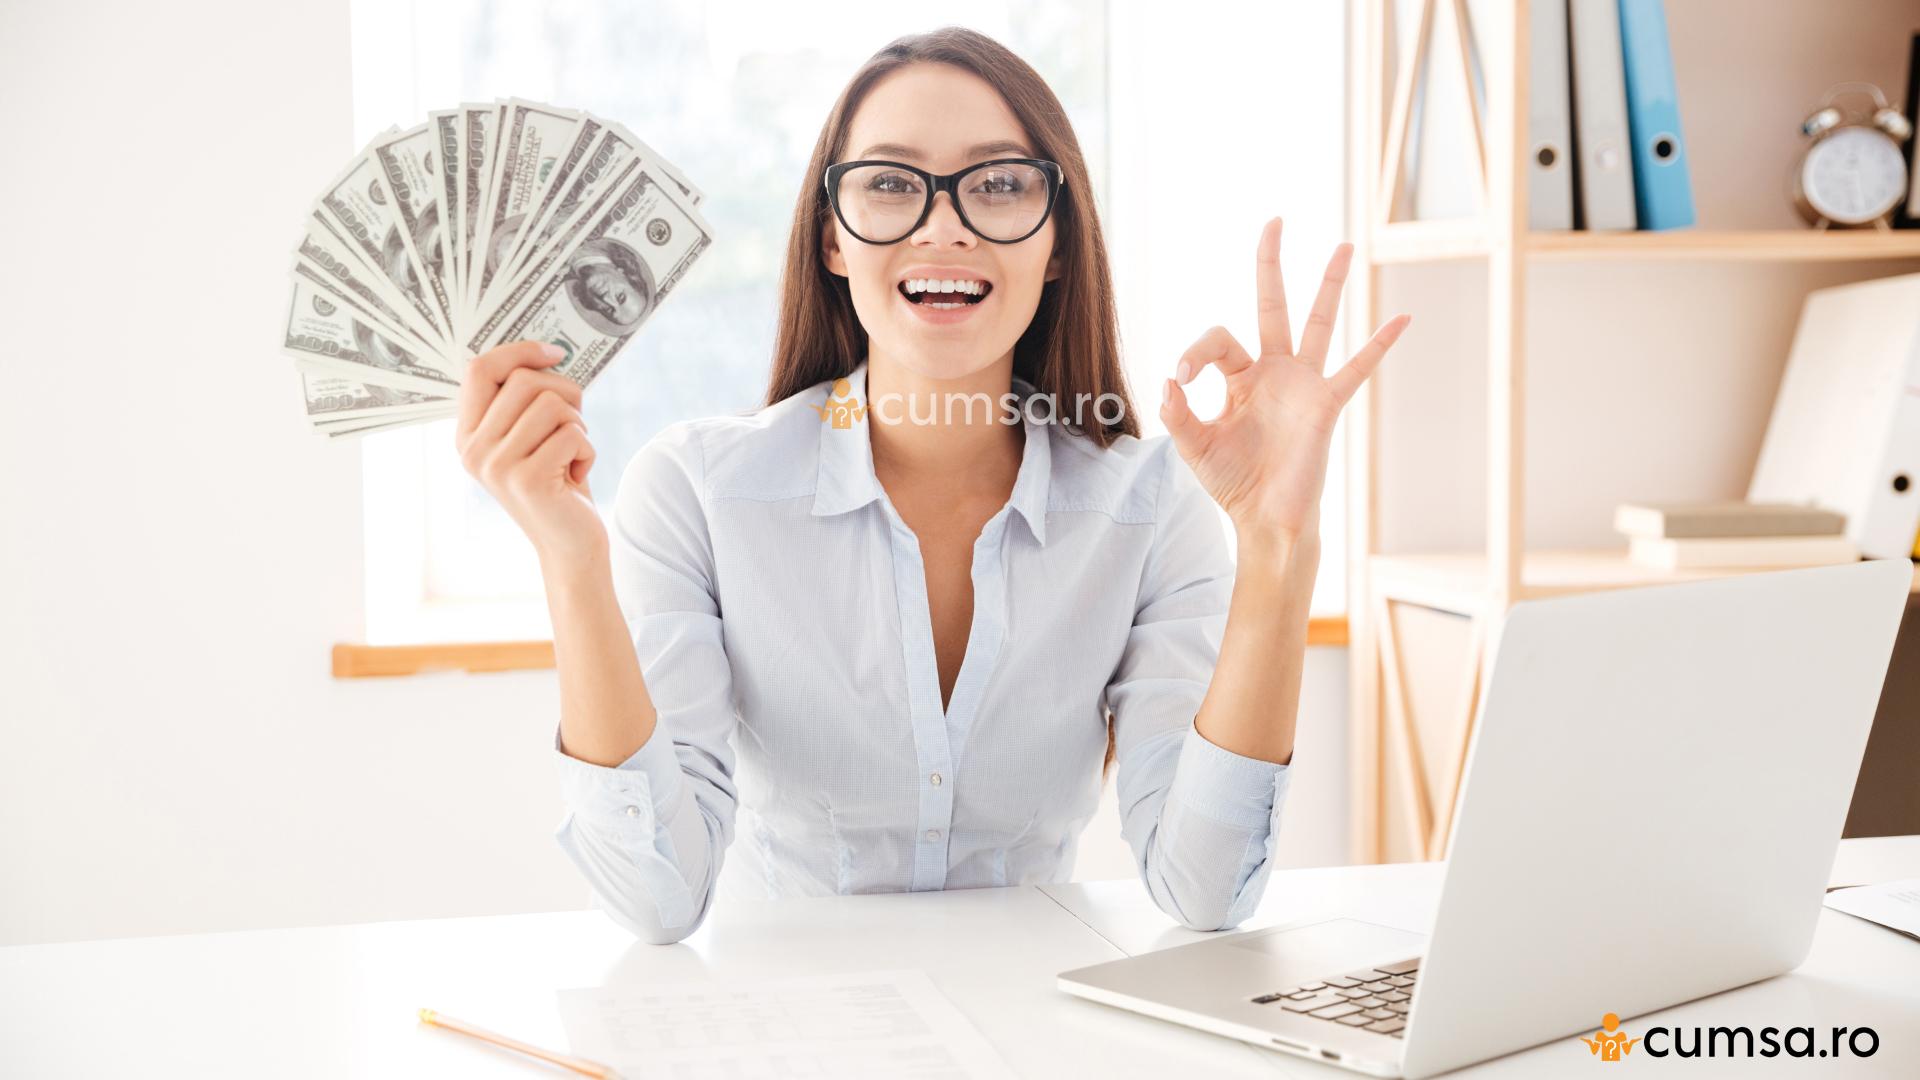 Răspundeți la sondajele plătite și câștigați până la 1.80 €